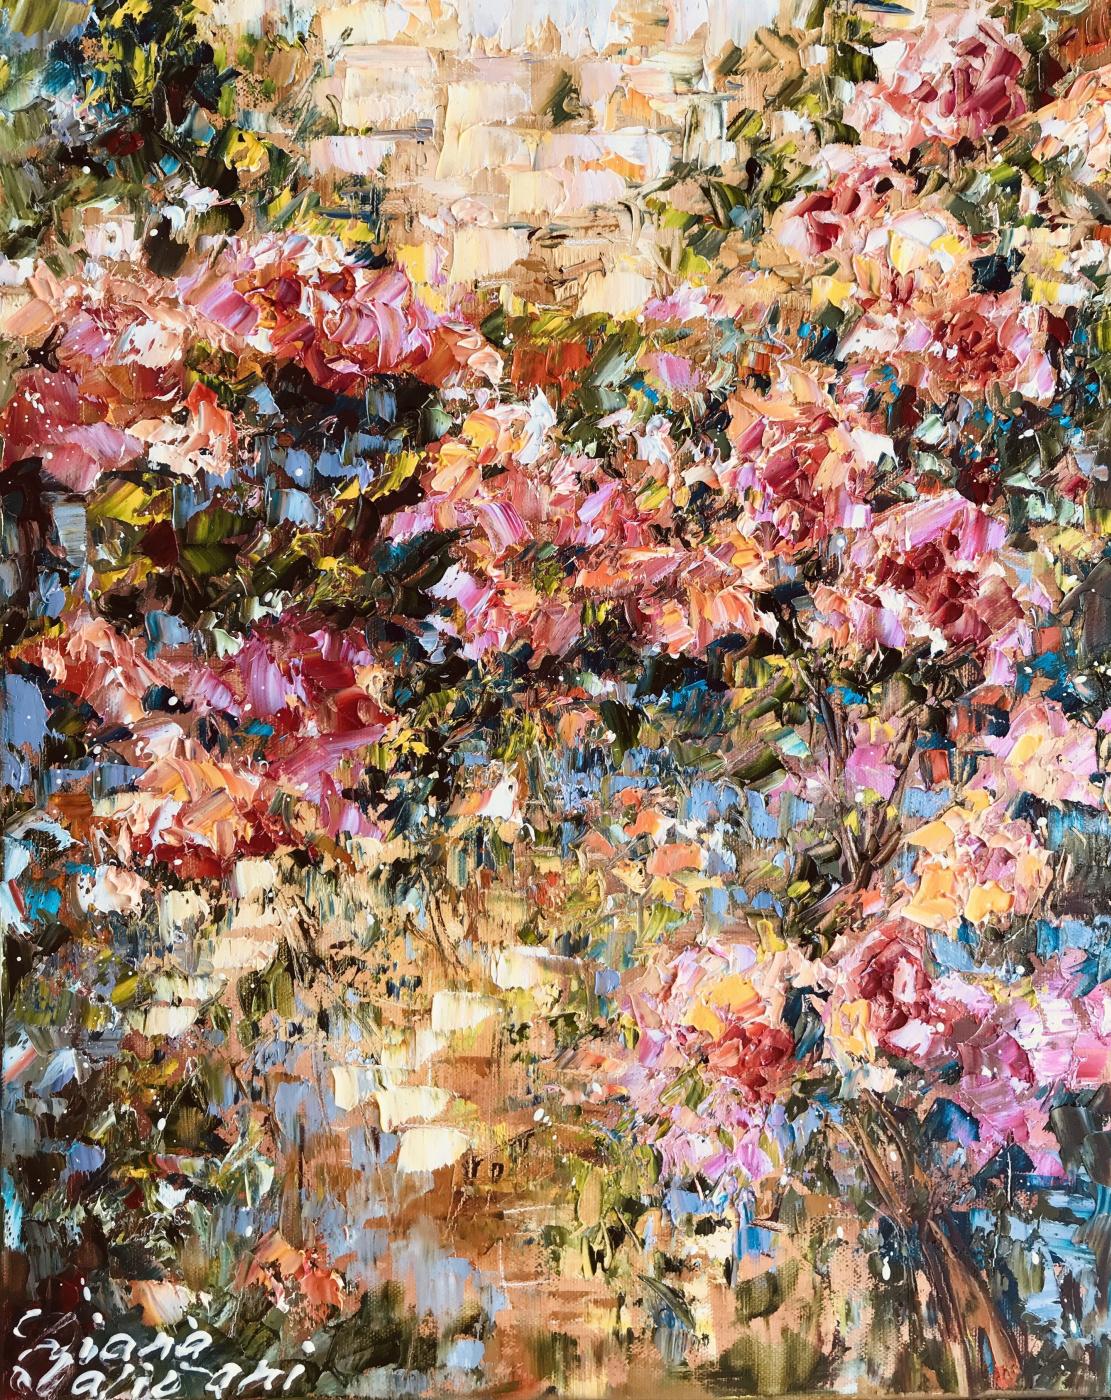 Диана Владимировна Маливани. Monastery Roses